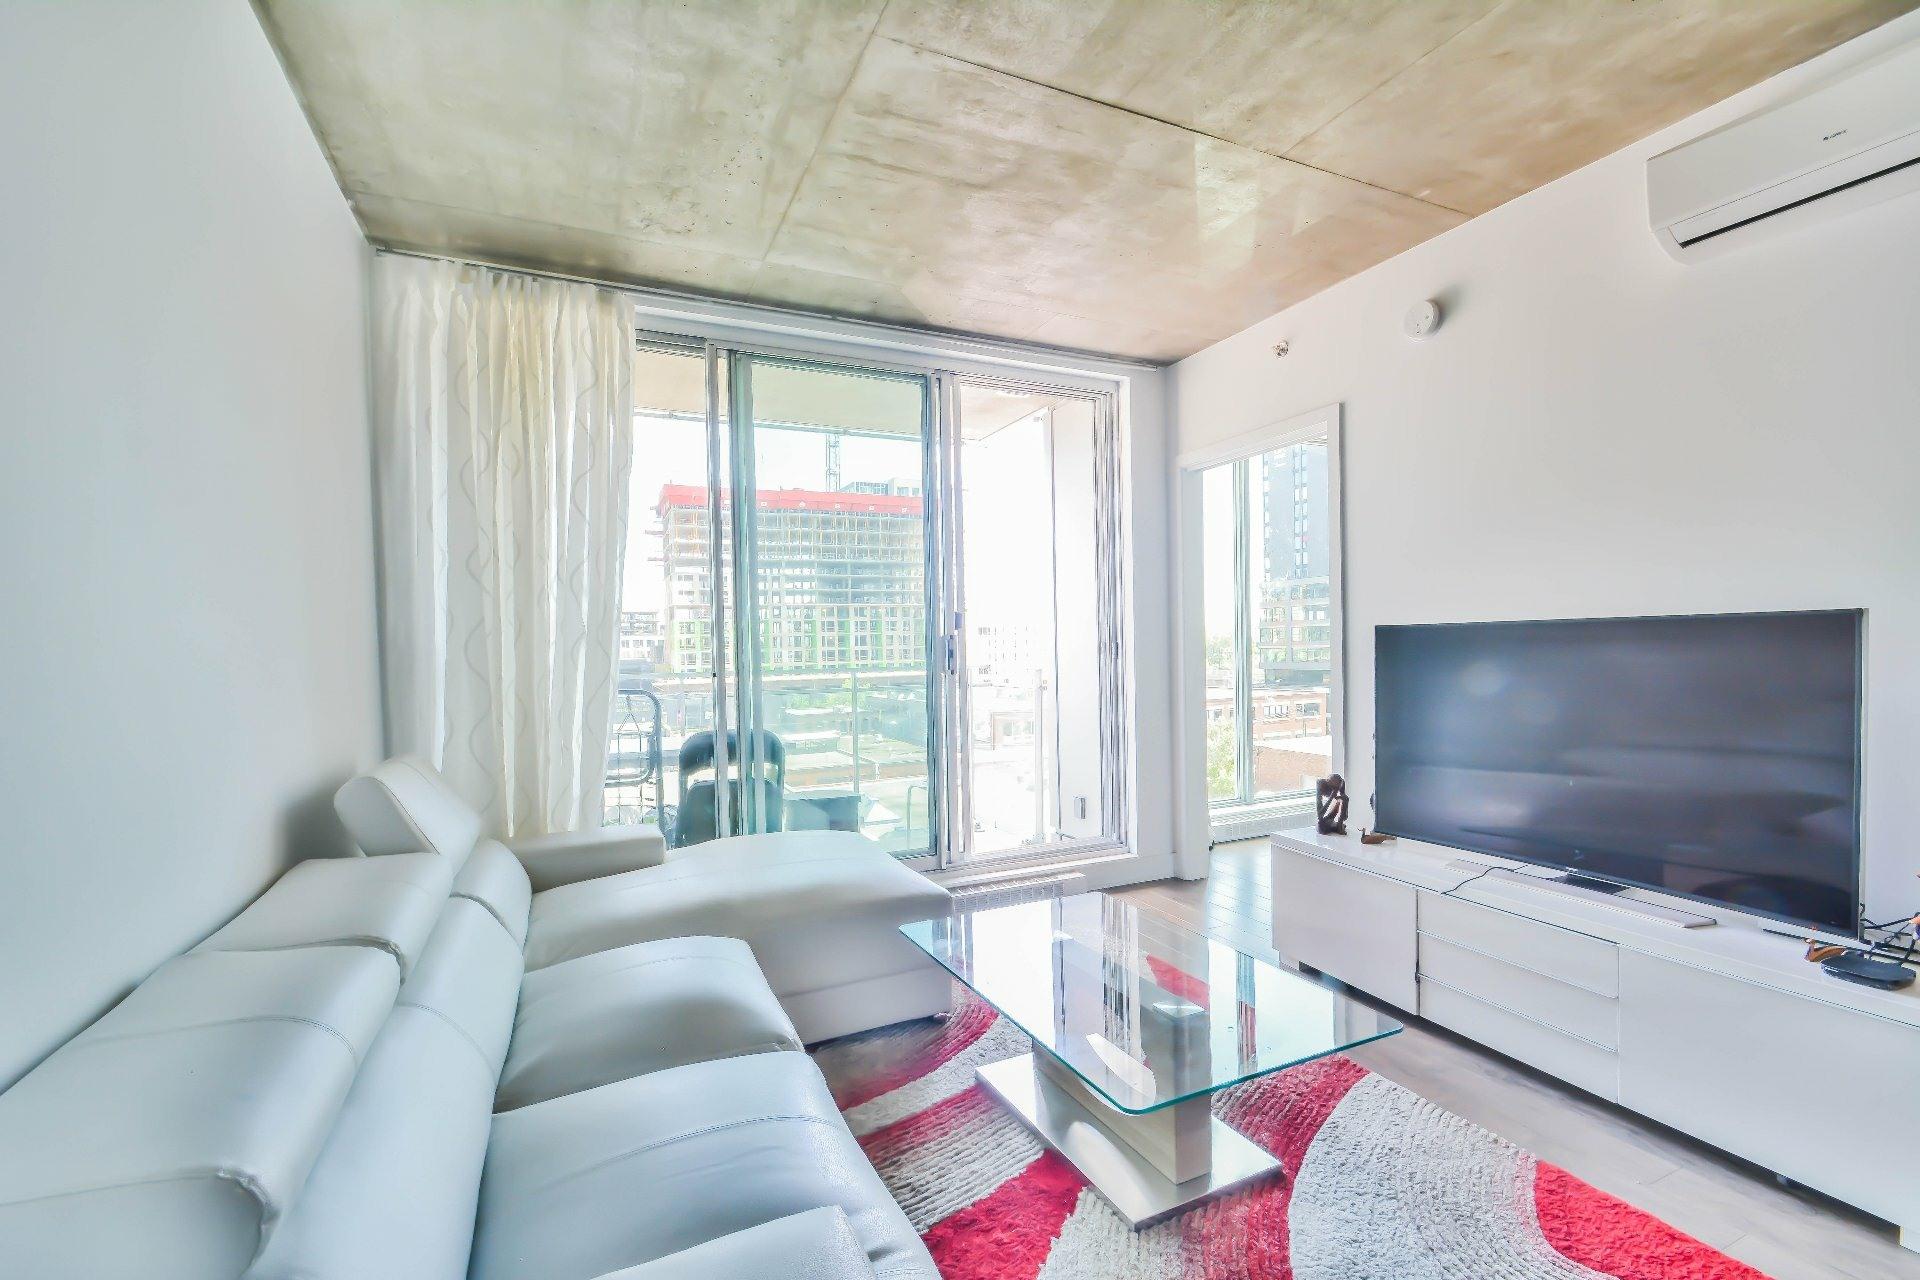 image 4 - Appartement À vendre Le Sud-Ouest Montréal  - 4 pièces